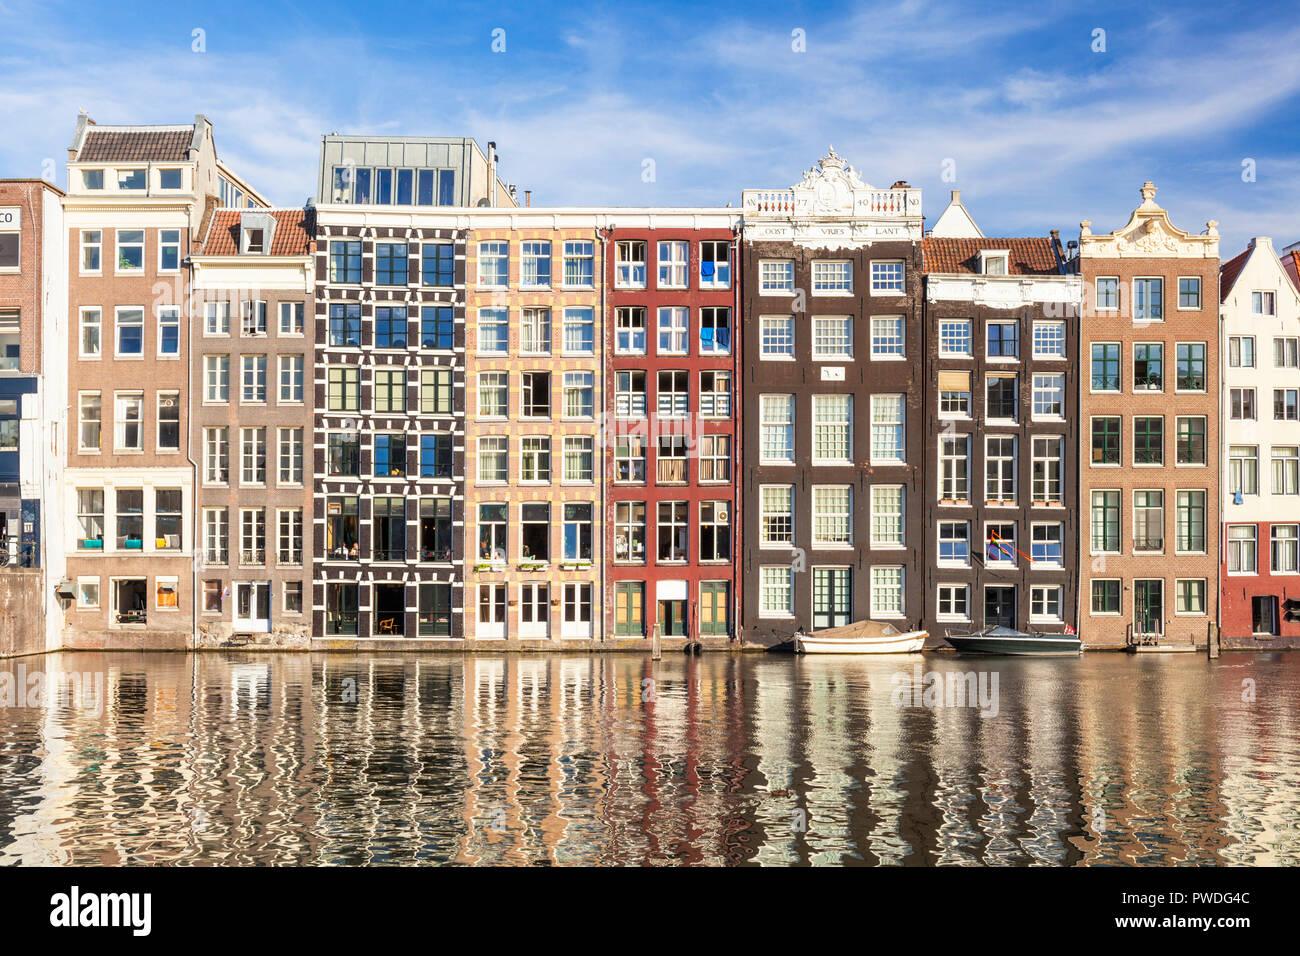 Case di Amsterdam su Damrak Una parzialmente riempito in canal dancing case con architettura olandese dal canal Amsterdam Olanda Paesi Bassi EU Europe Immagini Stock